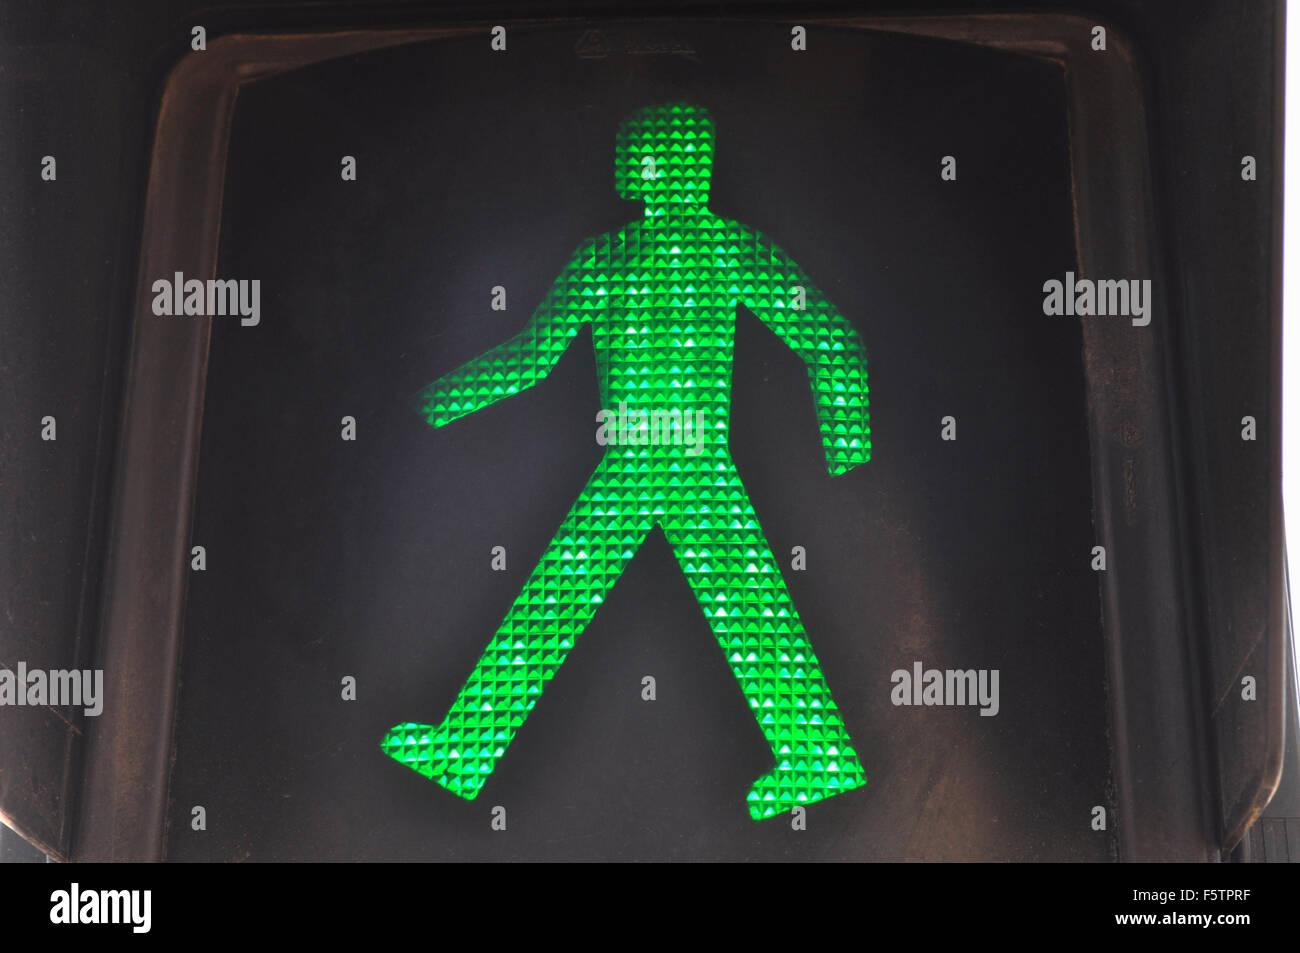 Green Man in semaforo, indicante che è sicuro di camminare e di attraversare la strada, Spagna Immagini Stock